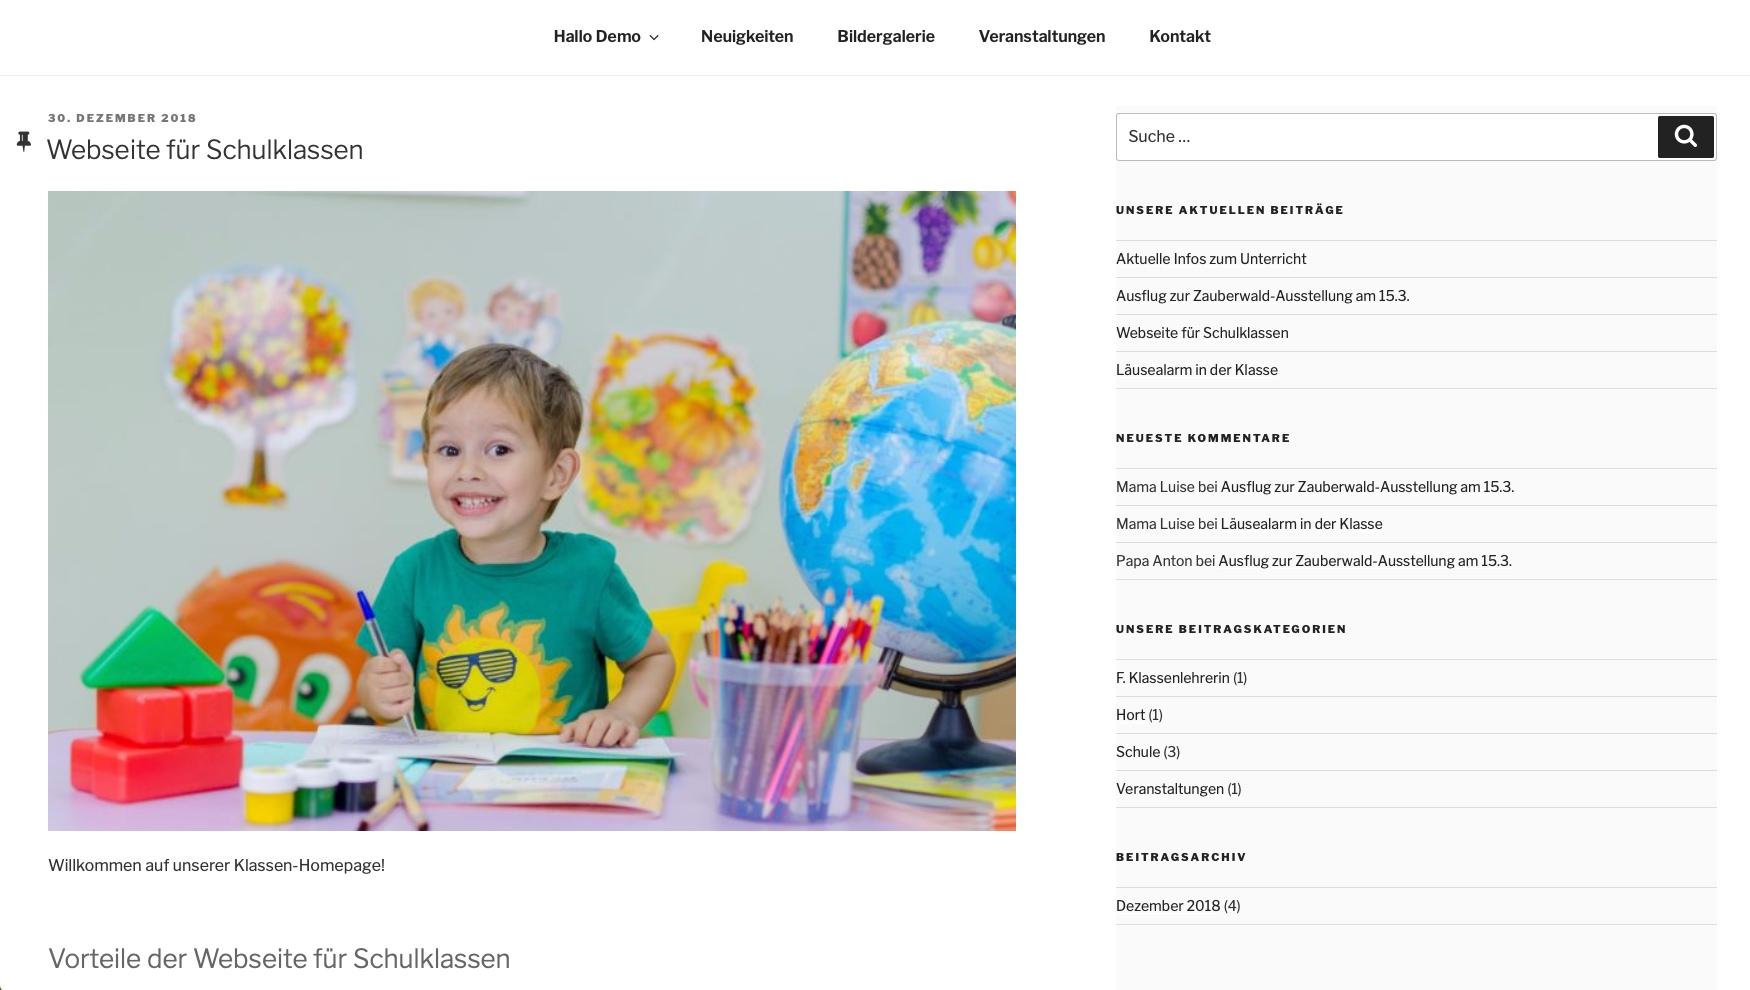 Klassenhomepage für Schulklassen - Startseite mit Neuigkeiten und Seitennavigation © 2019 Web-Kreativ WordPress Webdesign Manufaktur